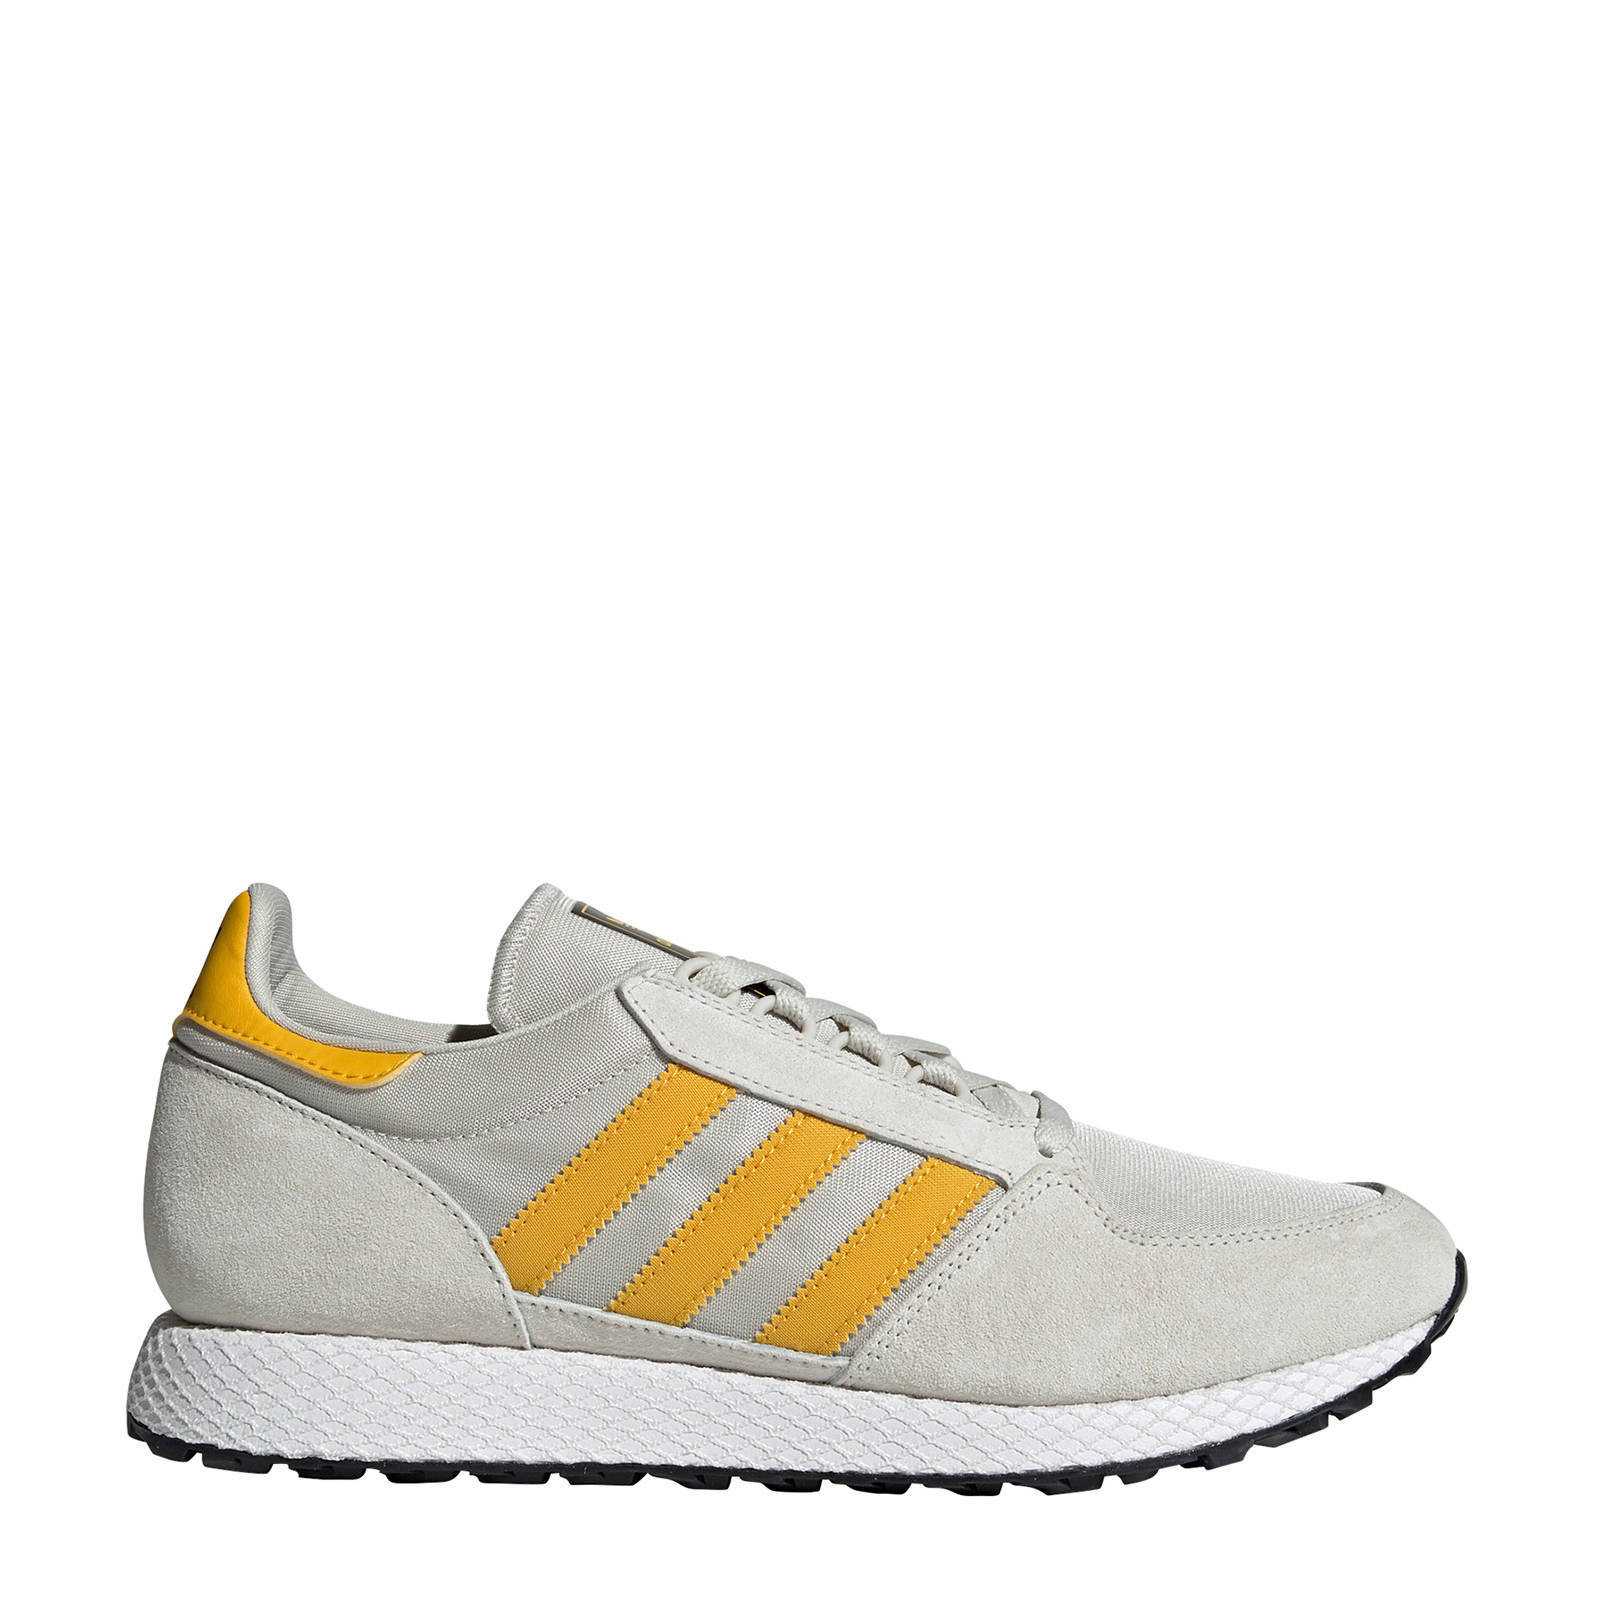 adidas schoenen geel wit